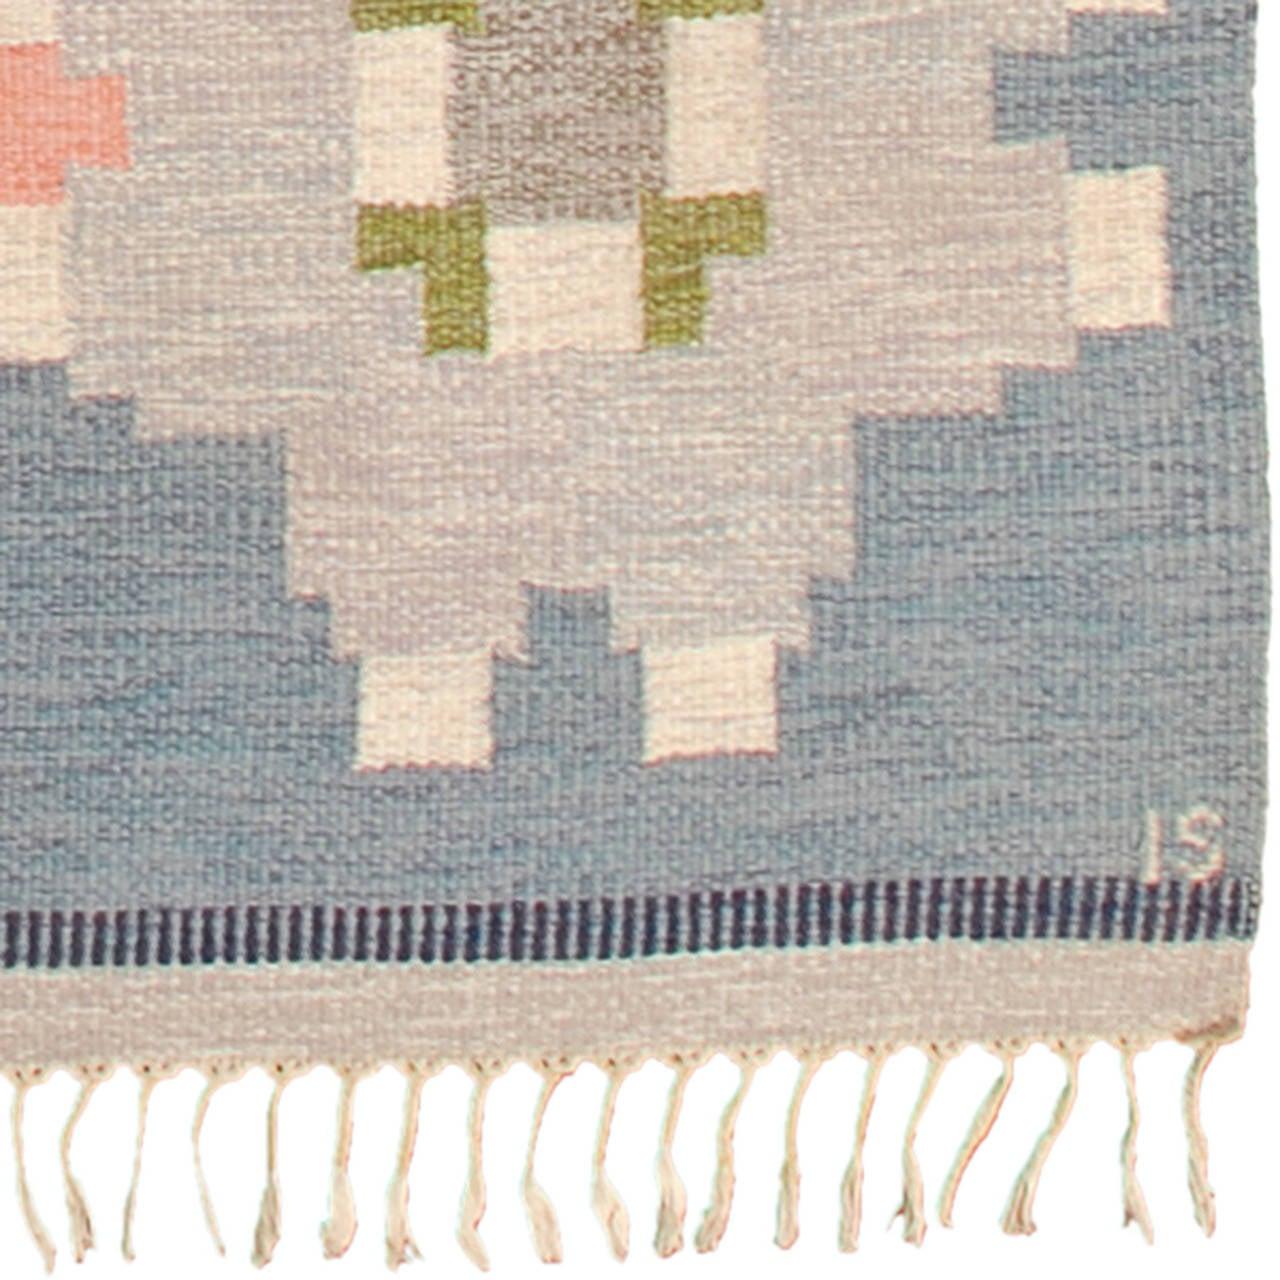 Scandinavian Modern 20th Century Swedish Flat-Weave Carpet by Ingegerd Silow For Sale